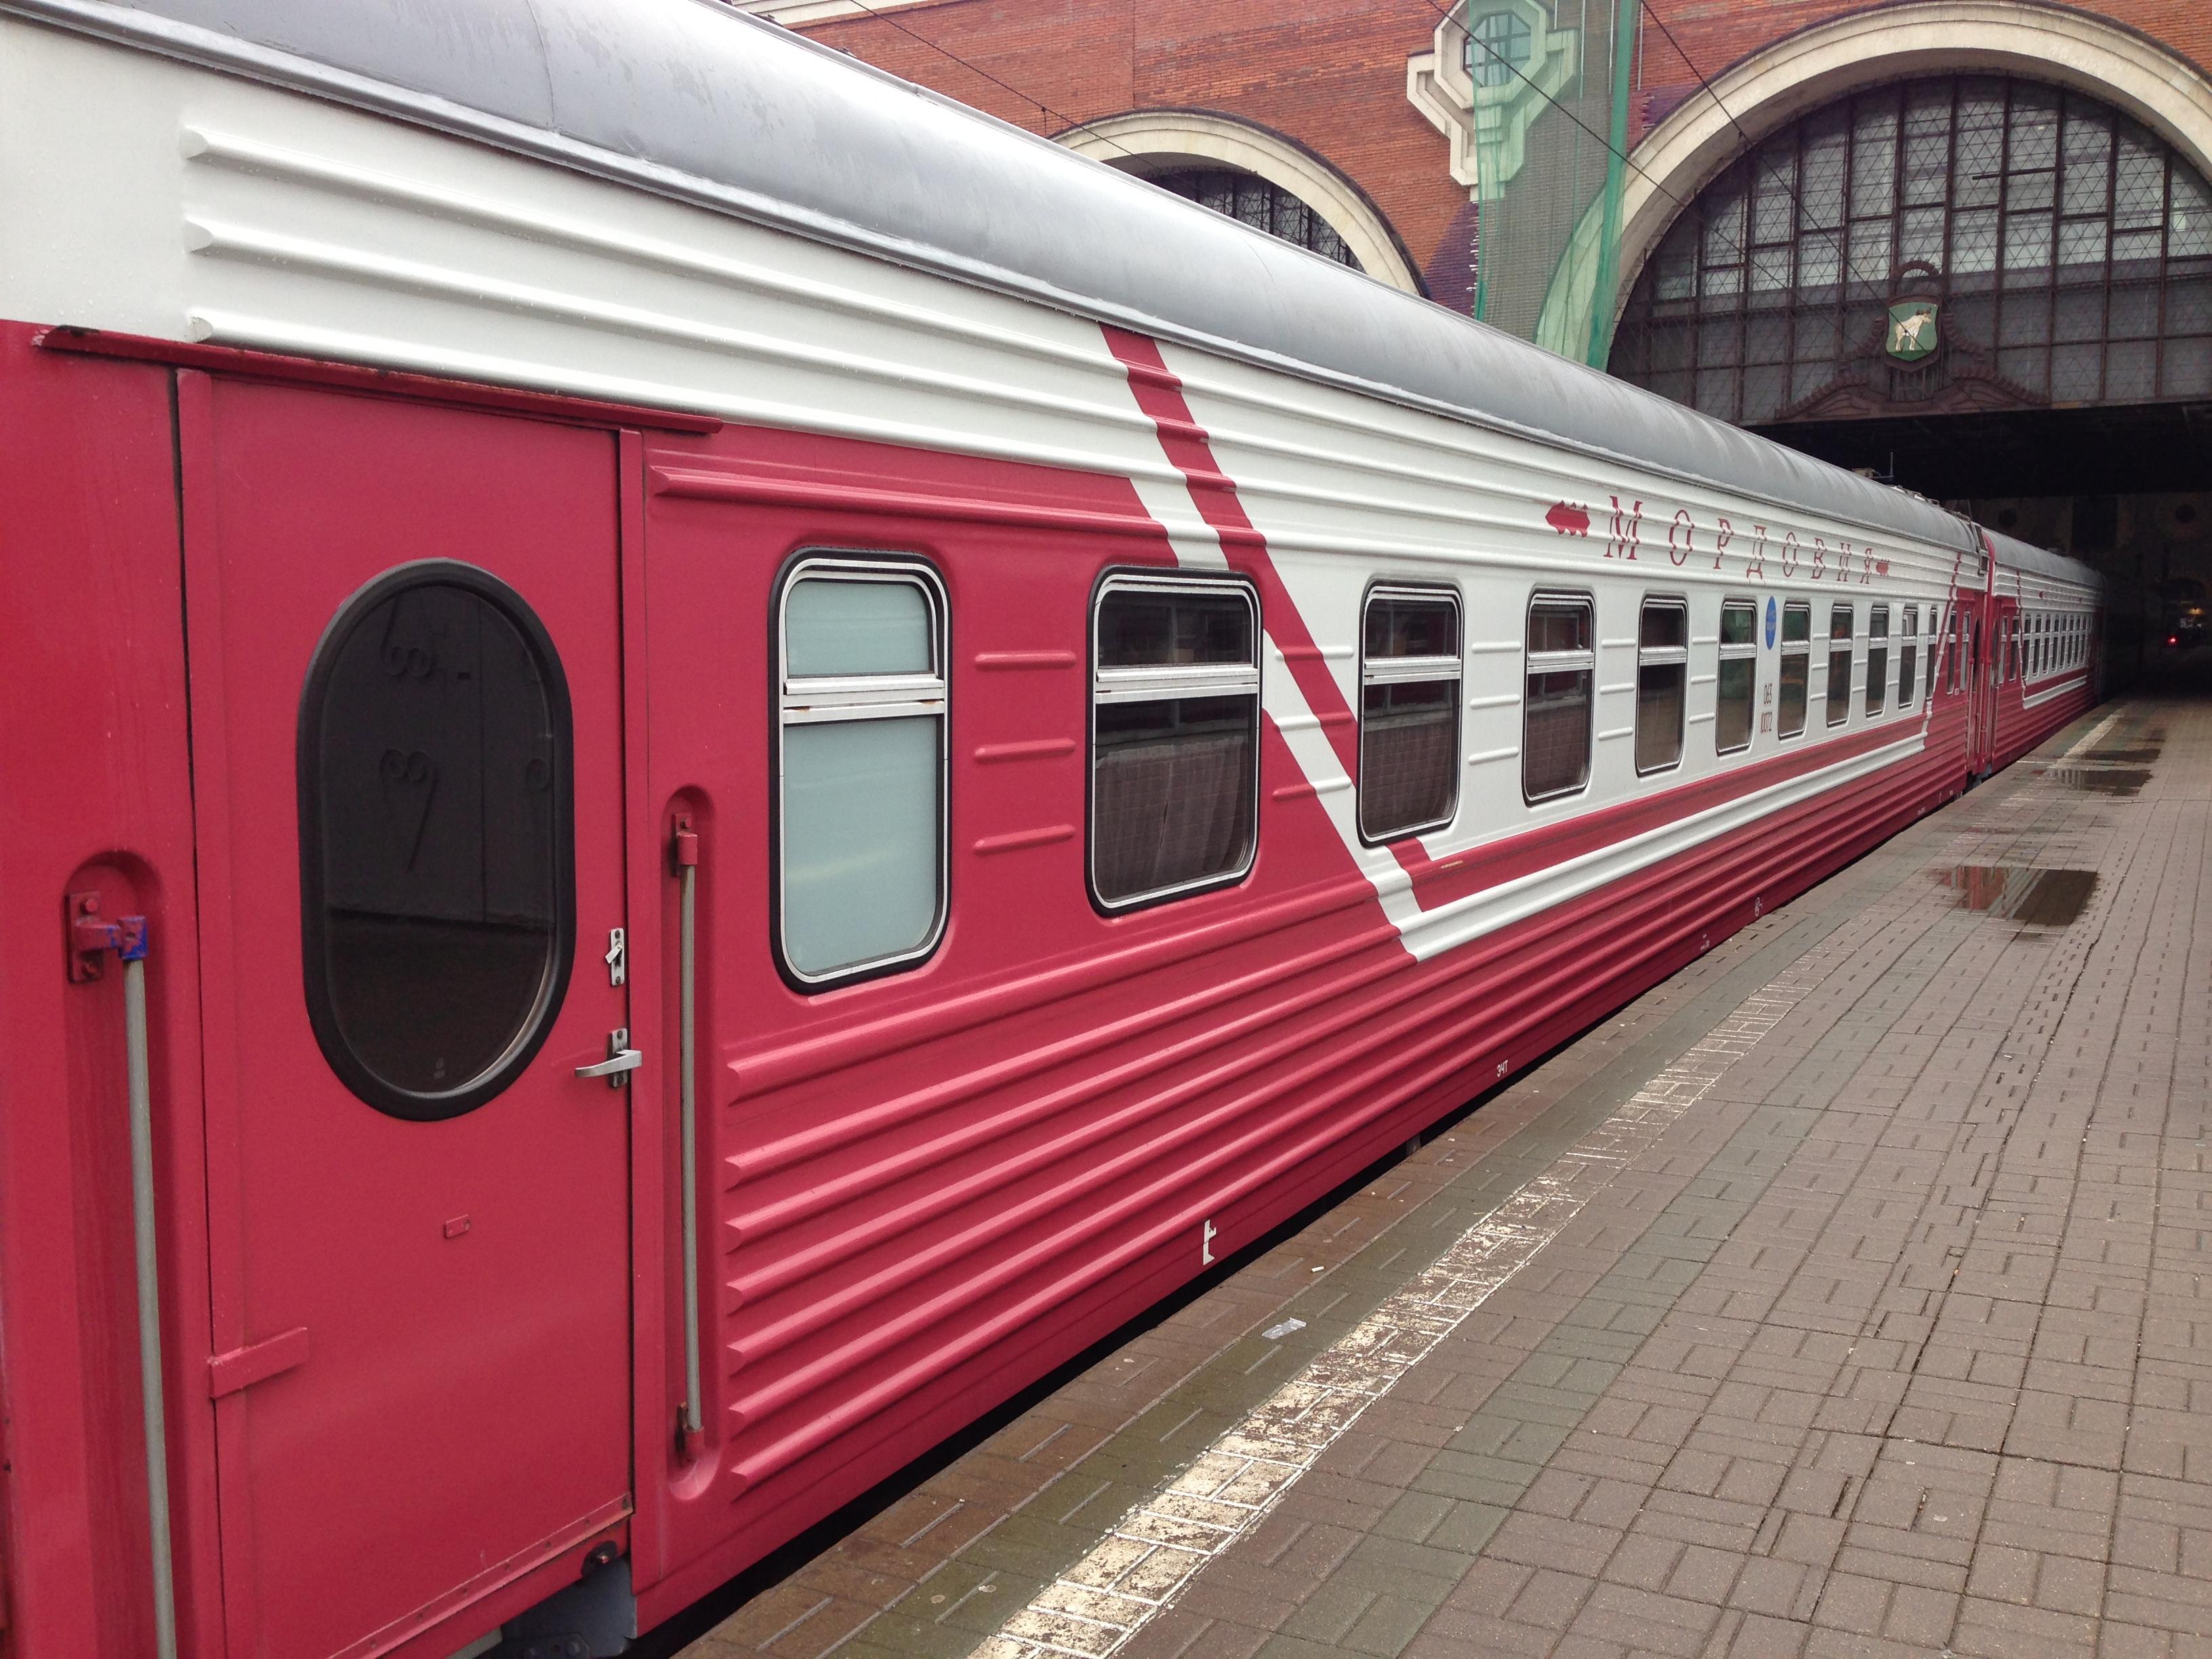 цена поезда адлер новосибирск NORVEG